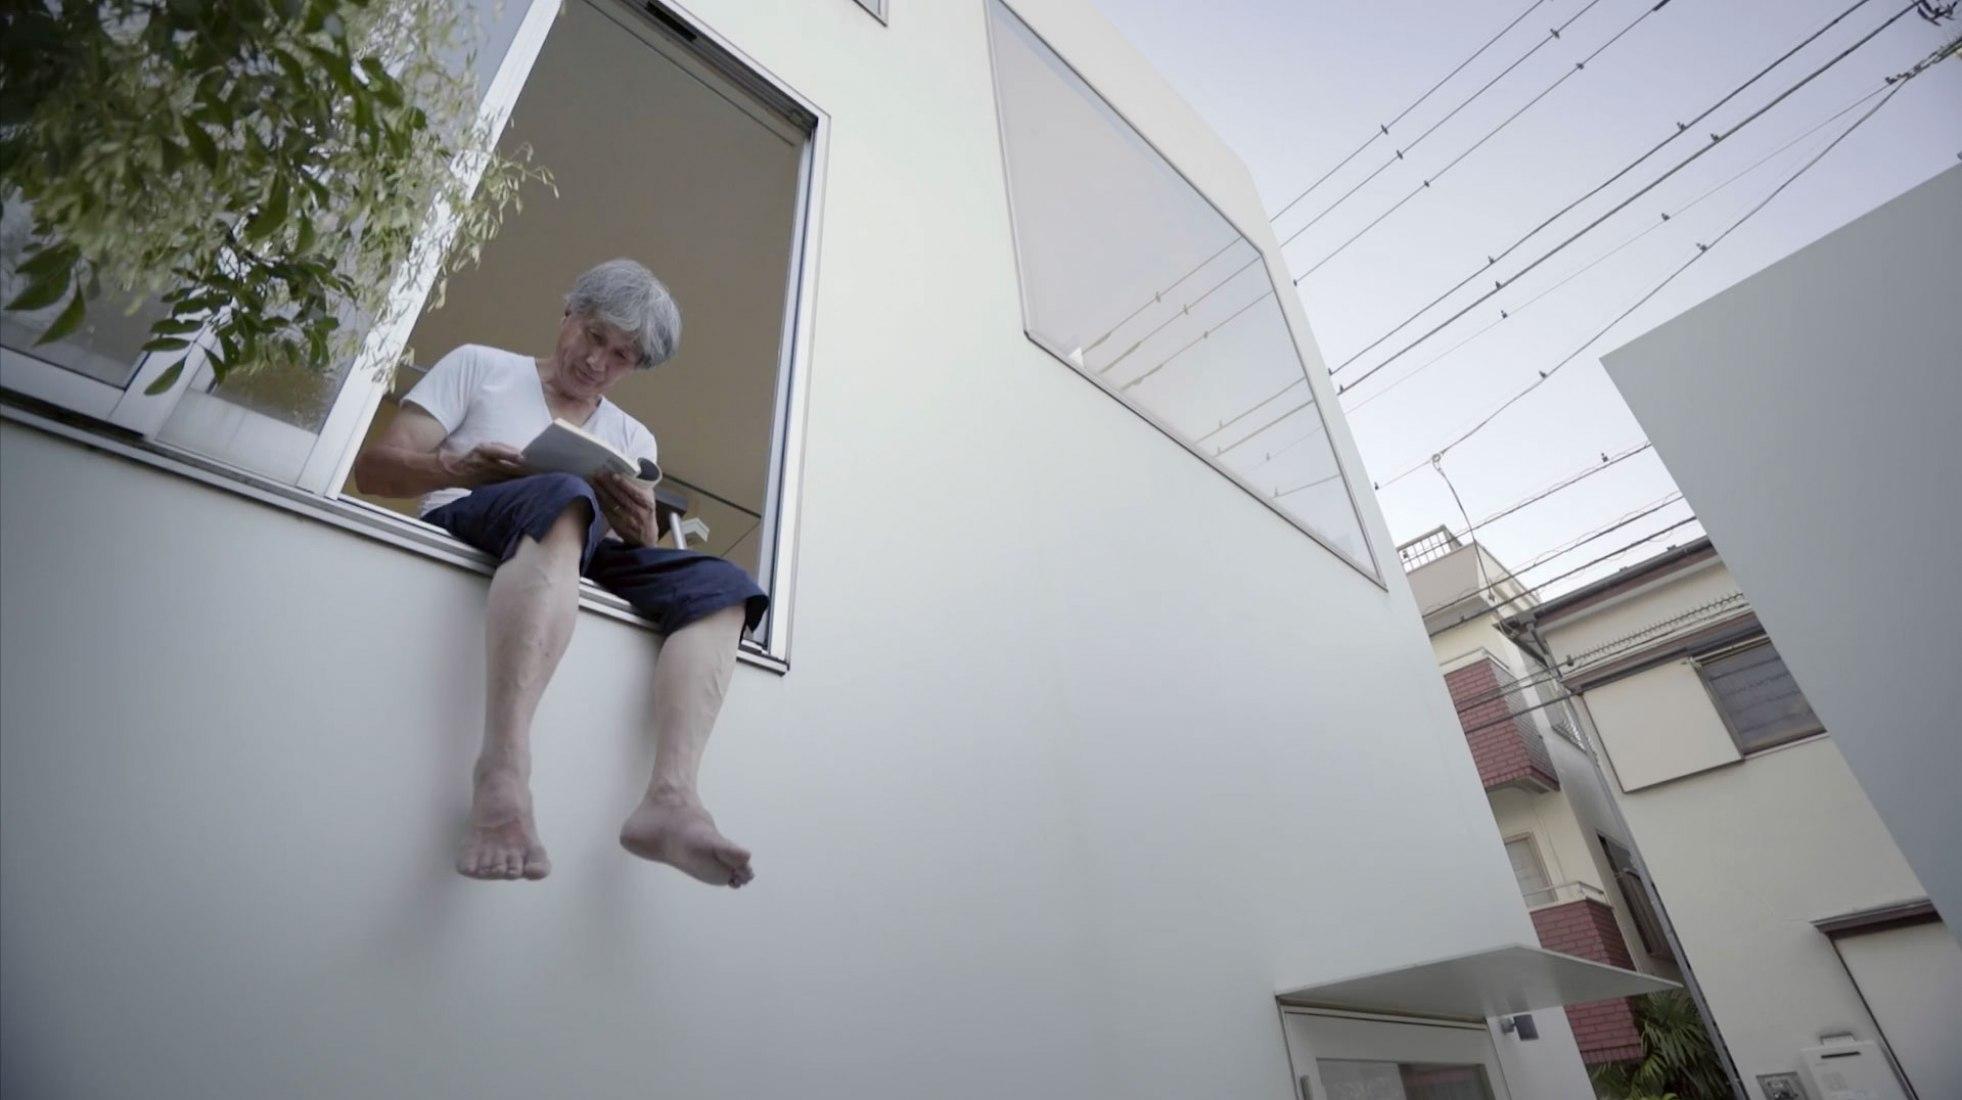 Moriyama-San a new film by Beka & Lemoine. Image courtesy of Beka & Lemoine